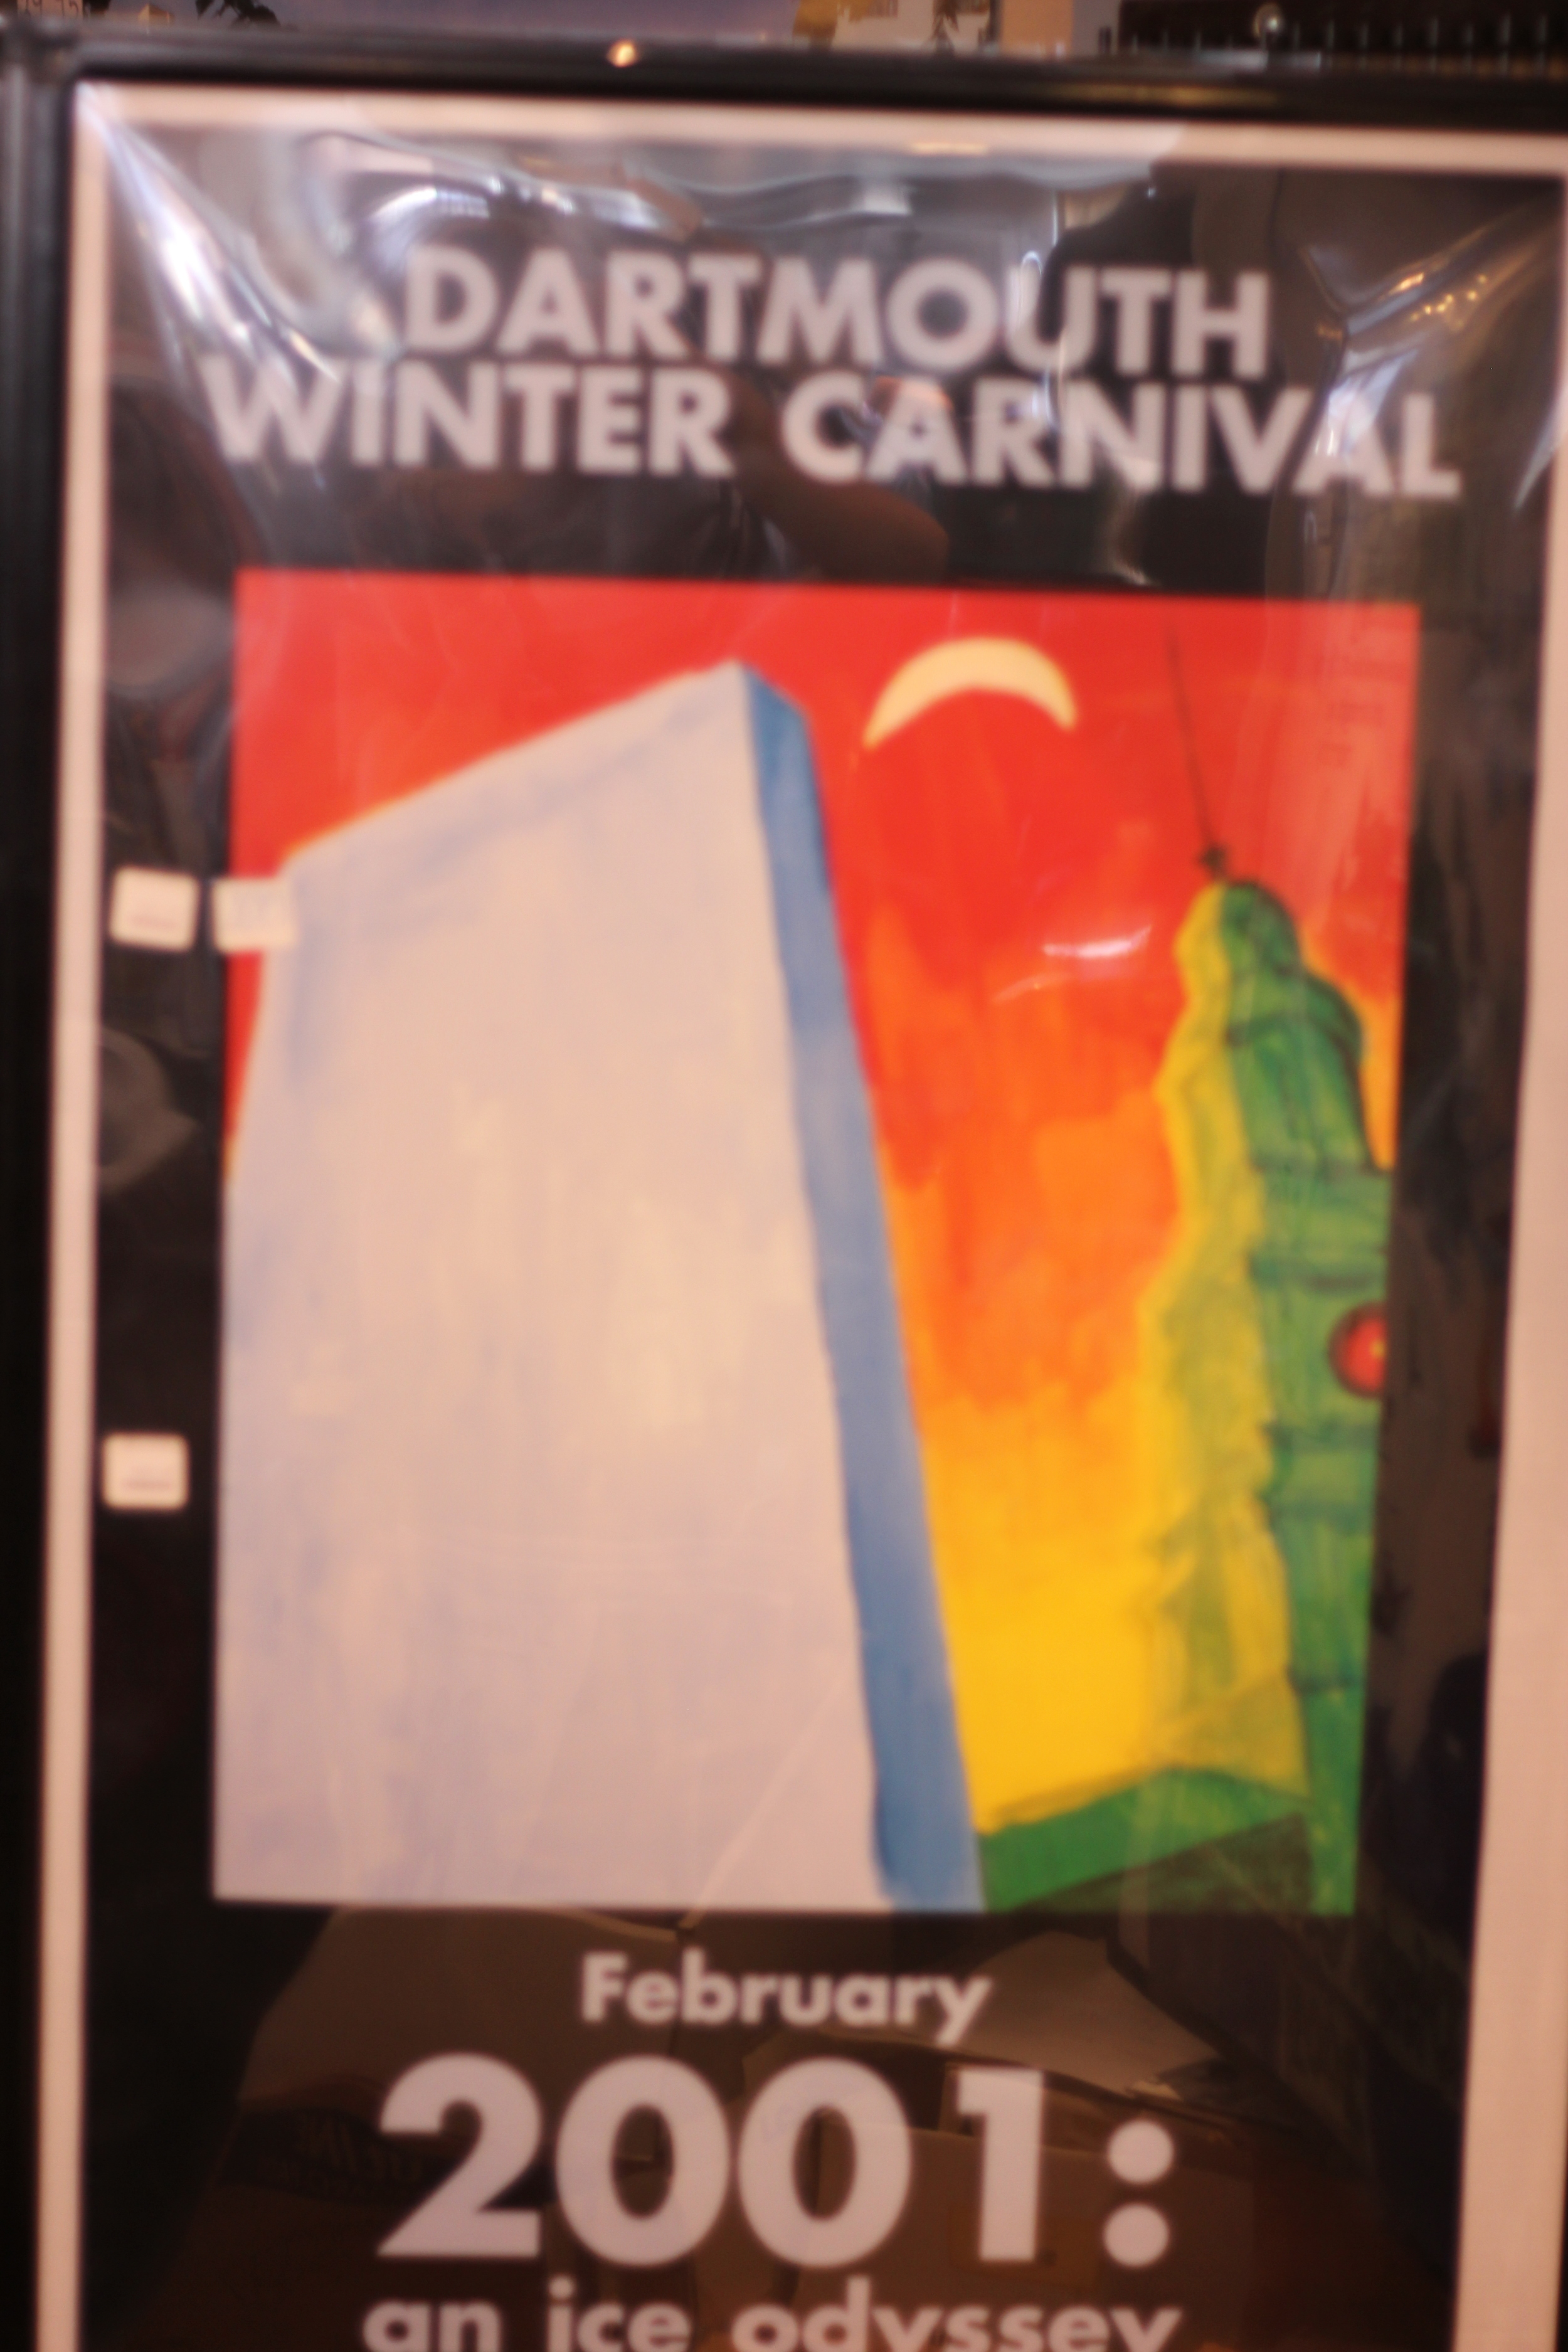 Dartmouth Winter Carnival 2001